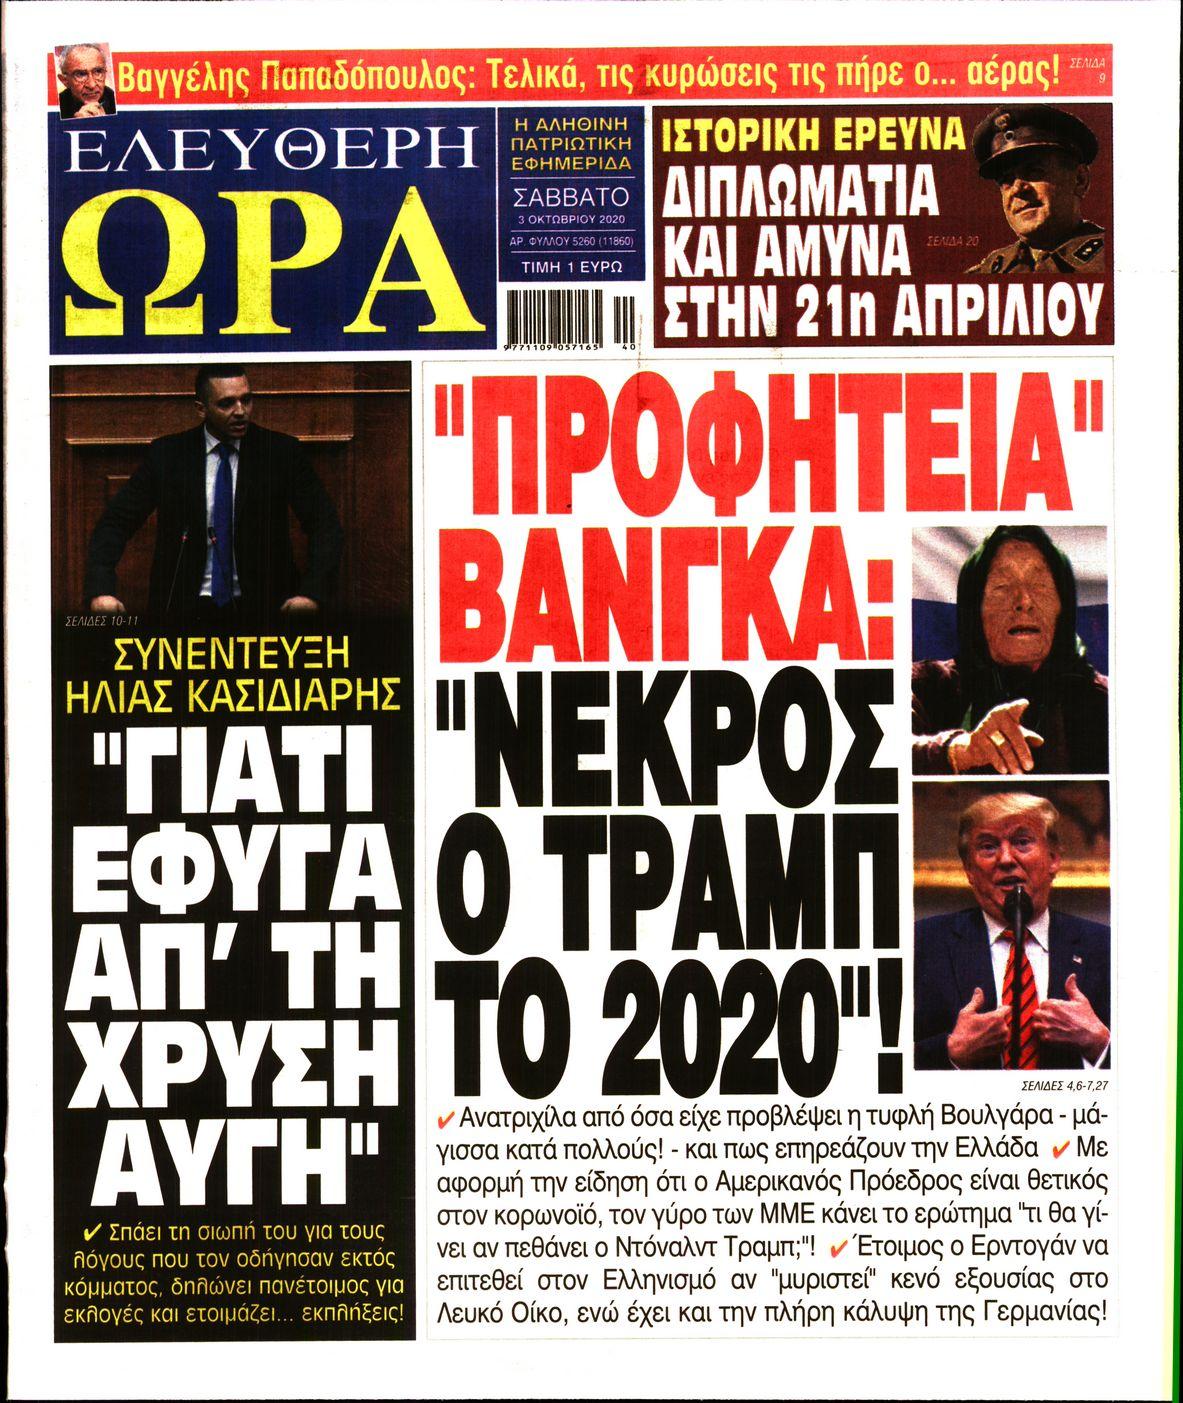 https://www.newsbeast.gr/files/1/newspapers/2020/10/03/27476886_47.jpg